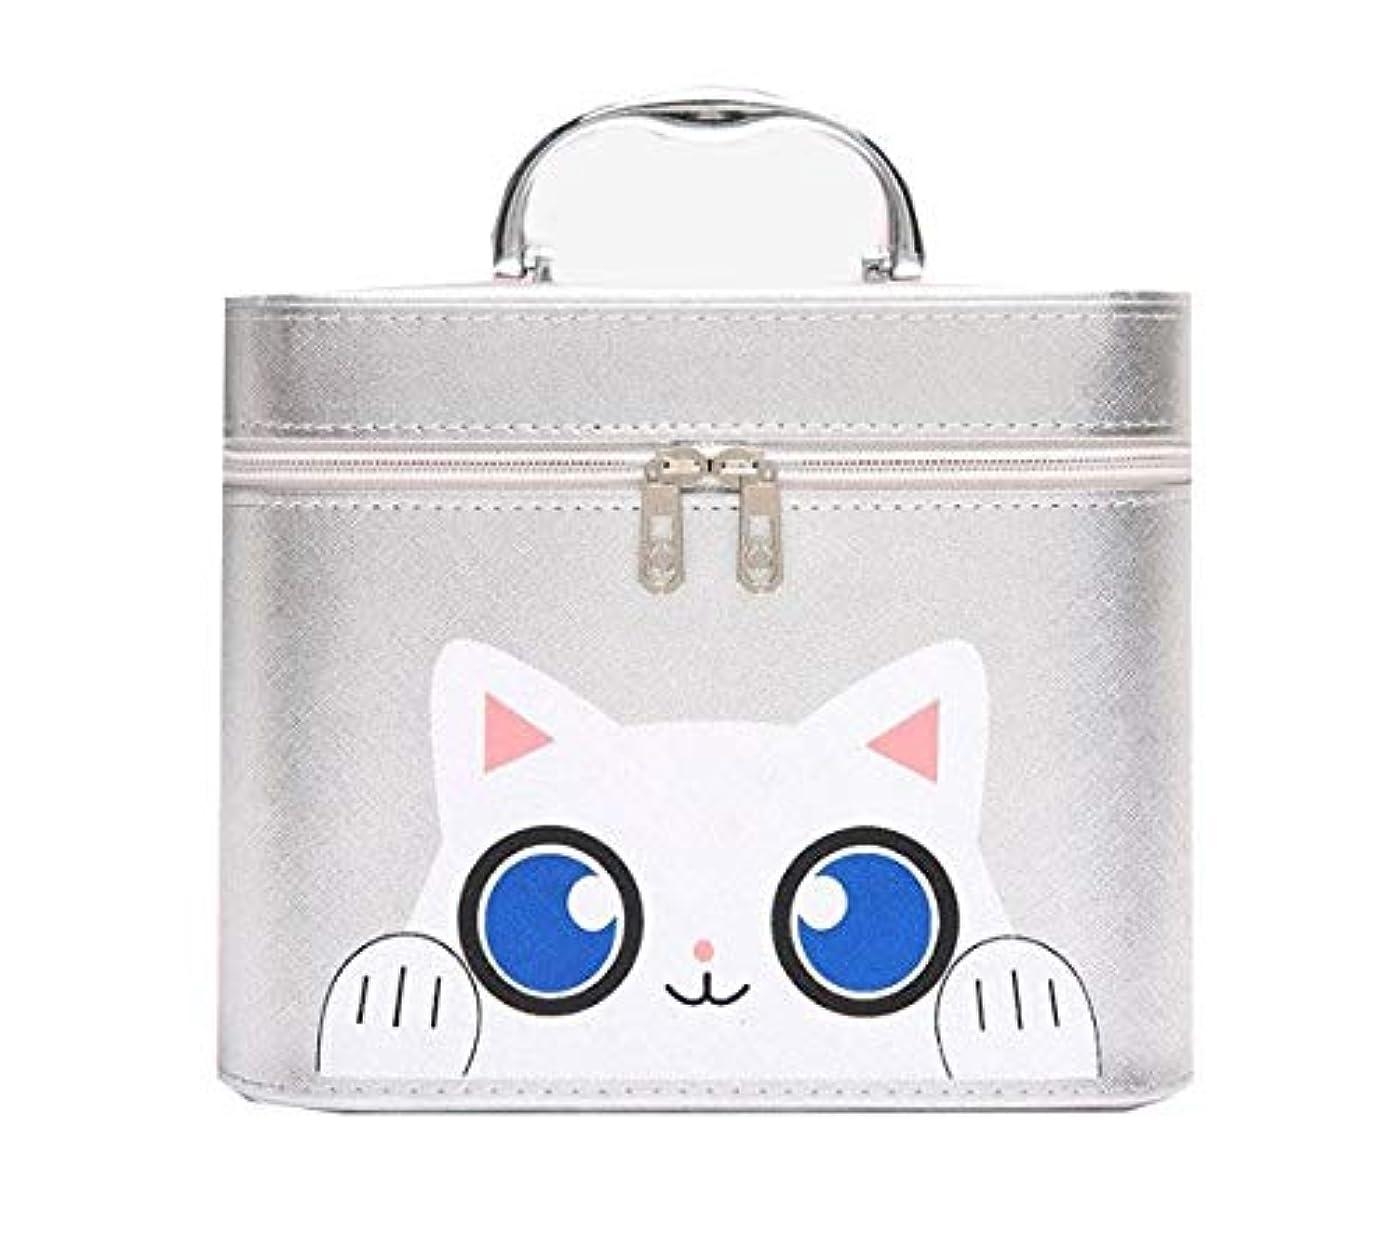 ウェイトレステレックスホステル化粧箱、シルバー漫画猫化粧品ケース、ポータブル旅行化粧品ケース、美容ネイルジュエリー収納ボックス (Size : L)